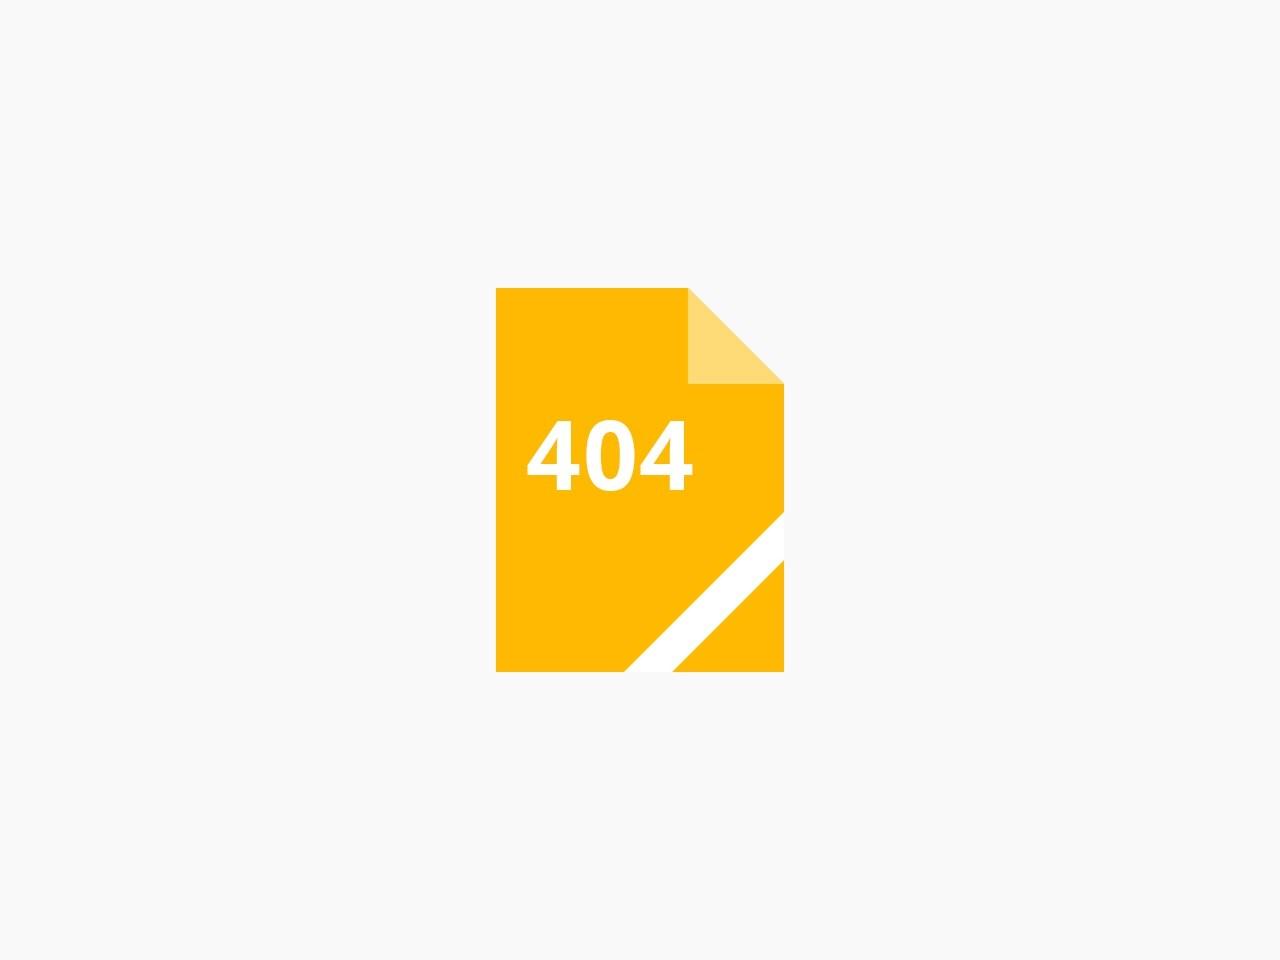 39康复网